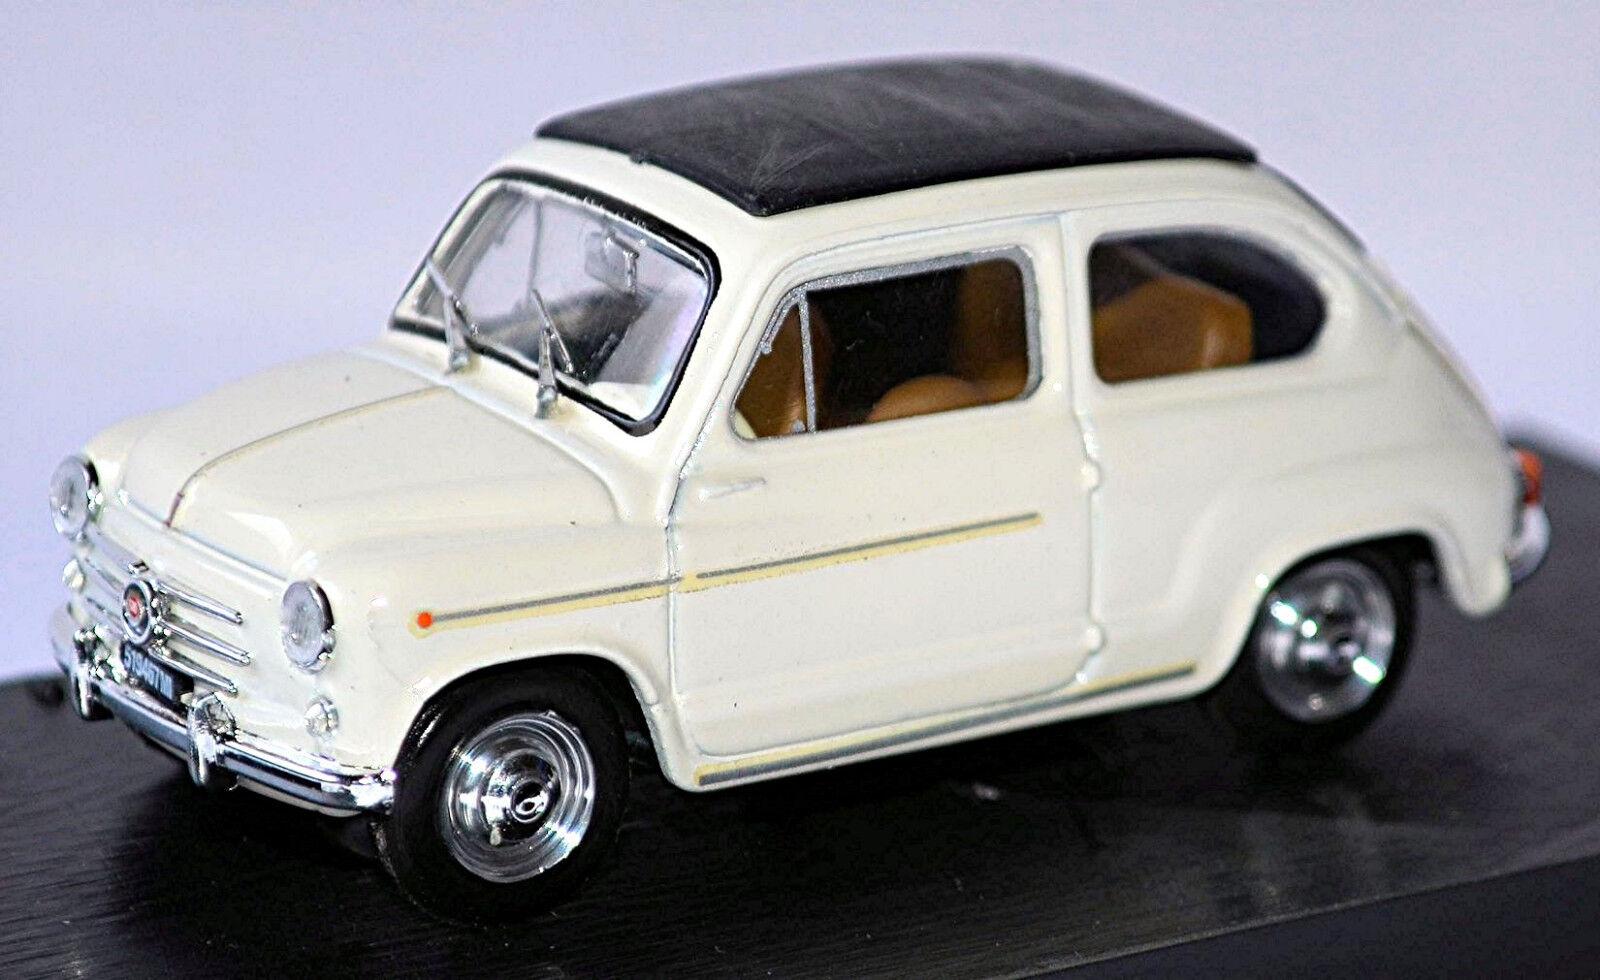 artículos novedosos Fiat 600 600 600 D Berlina Canopy Abierto 1960 Bianco 207 blancoo blancoo 1 43 Brumm  descuento de ventas